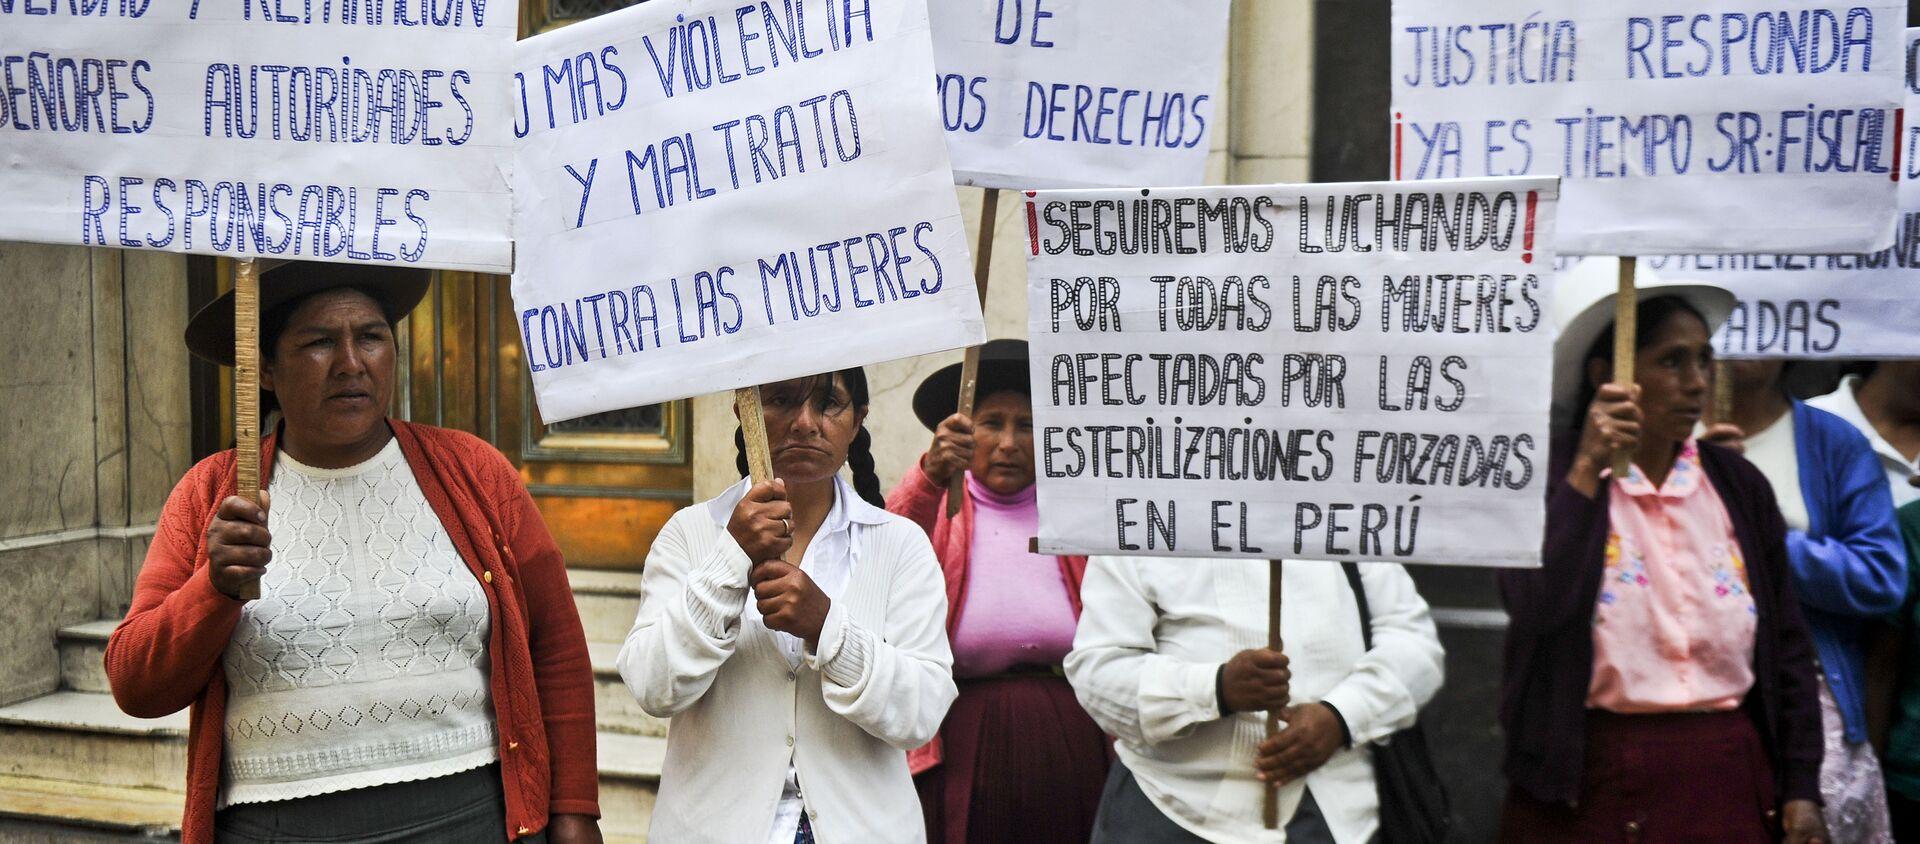 Protesta de mujeres indígenas - Sputnik Mundo, 1920, 26.08.2020